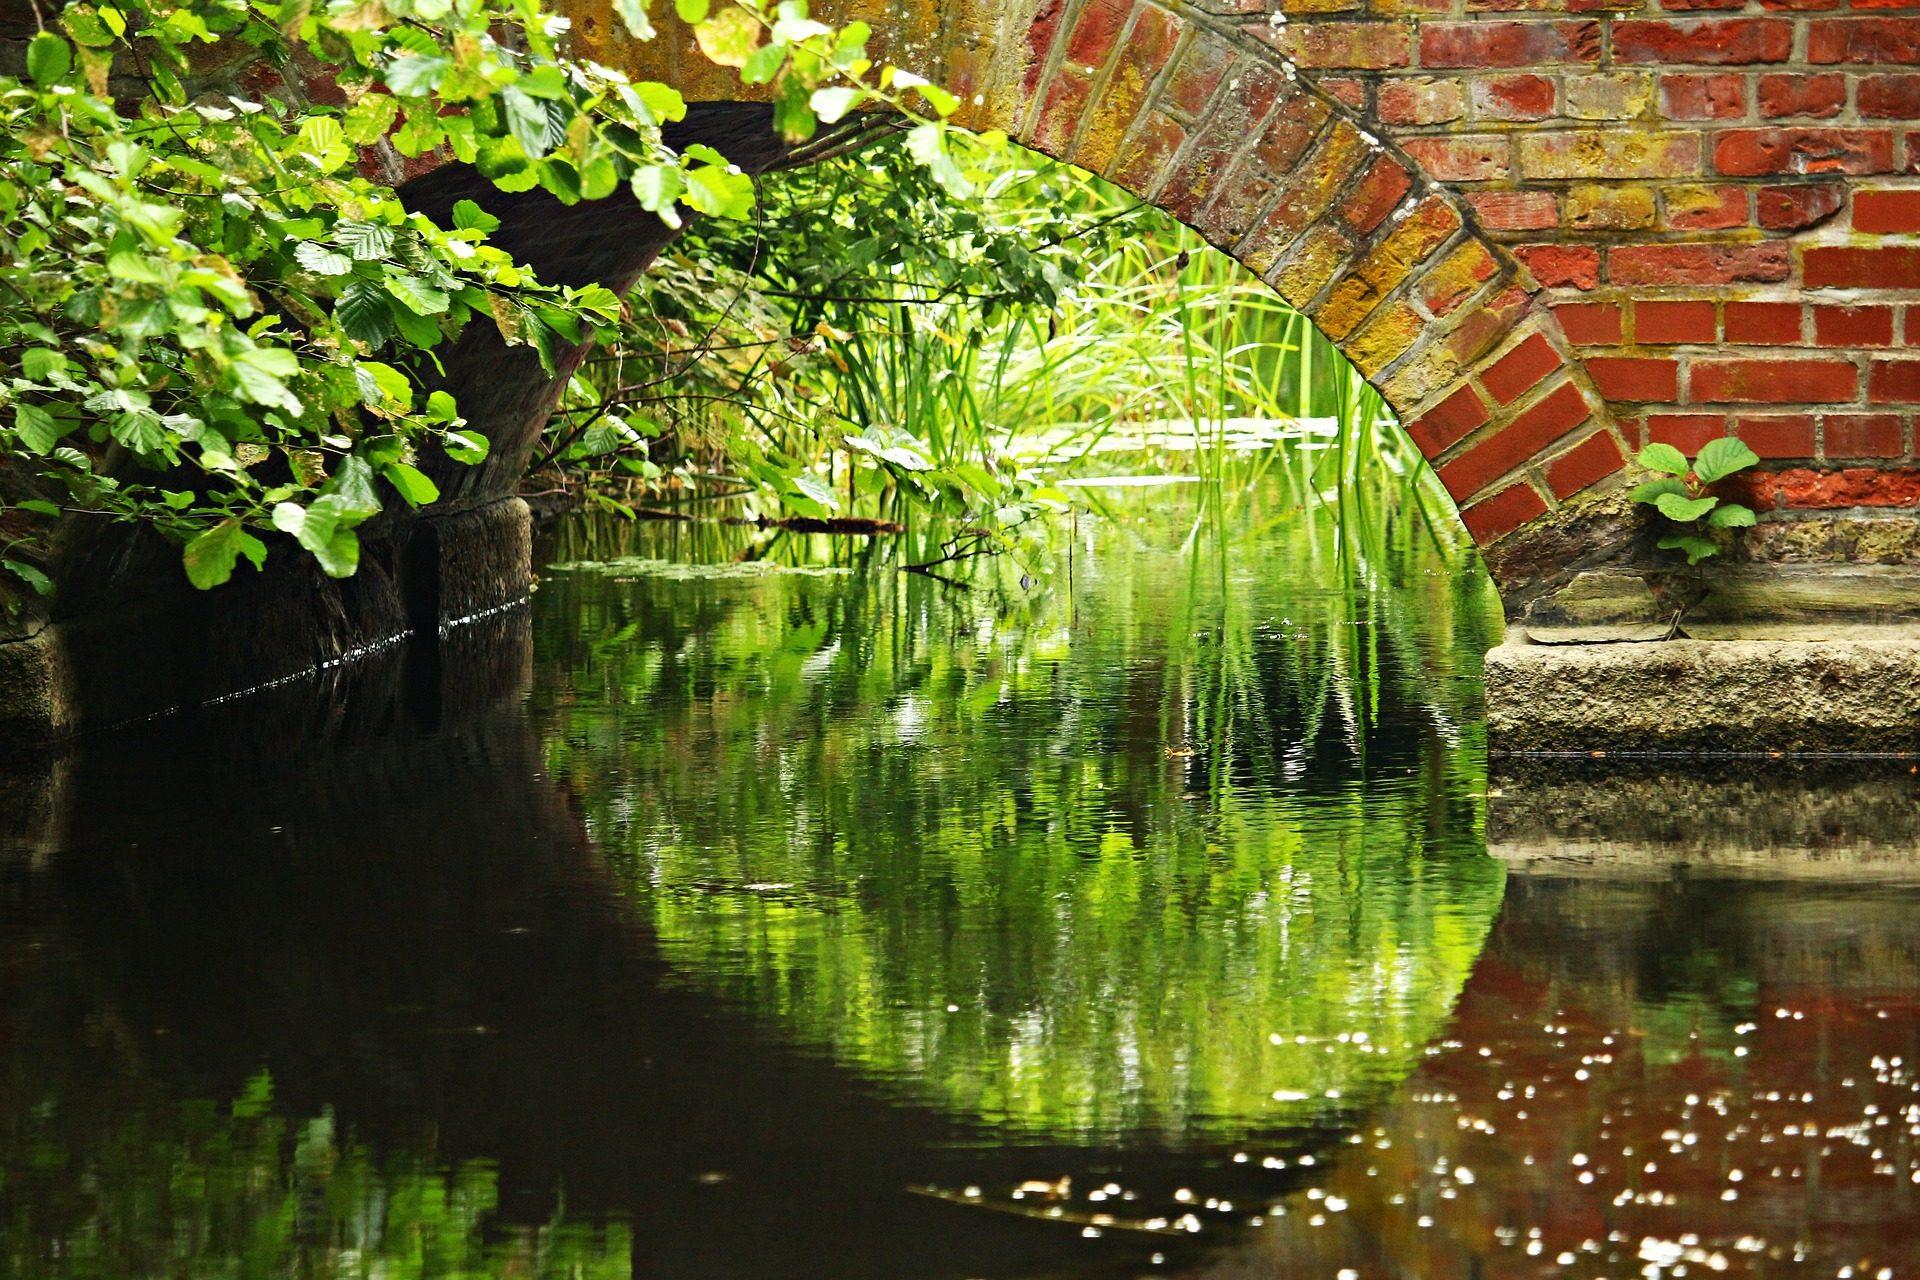 川, 水, ブリッジ, レンガ, 草, 植物 - HD の壁紙 - 教授-falken.com